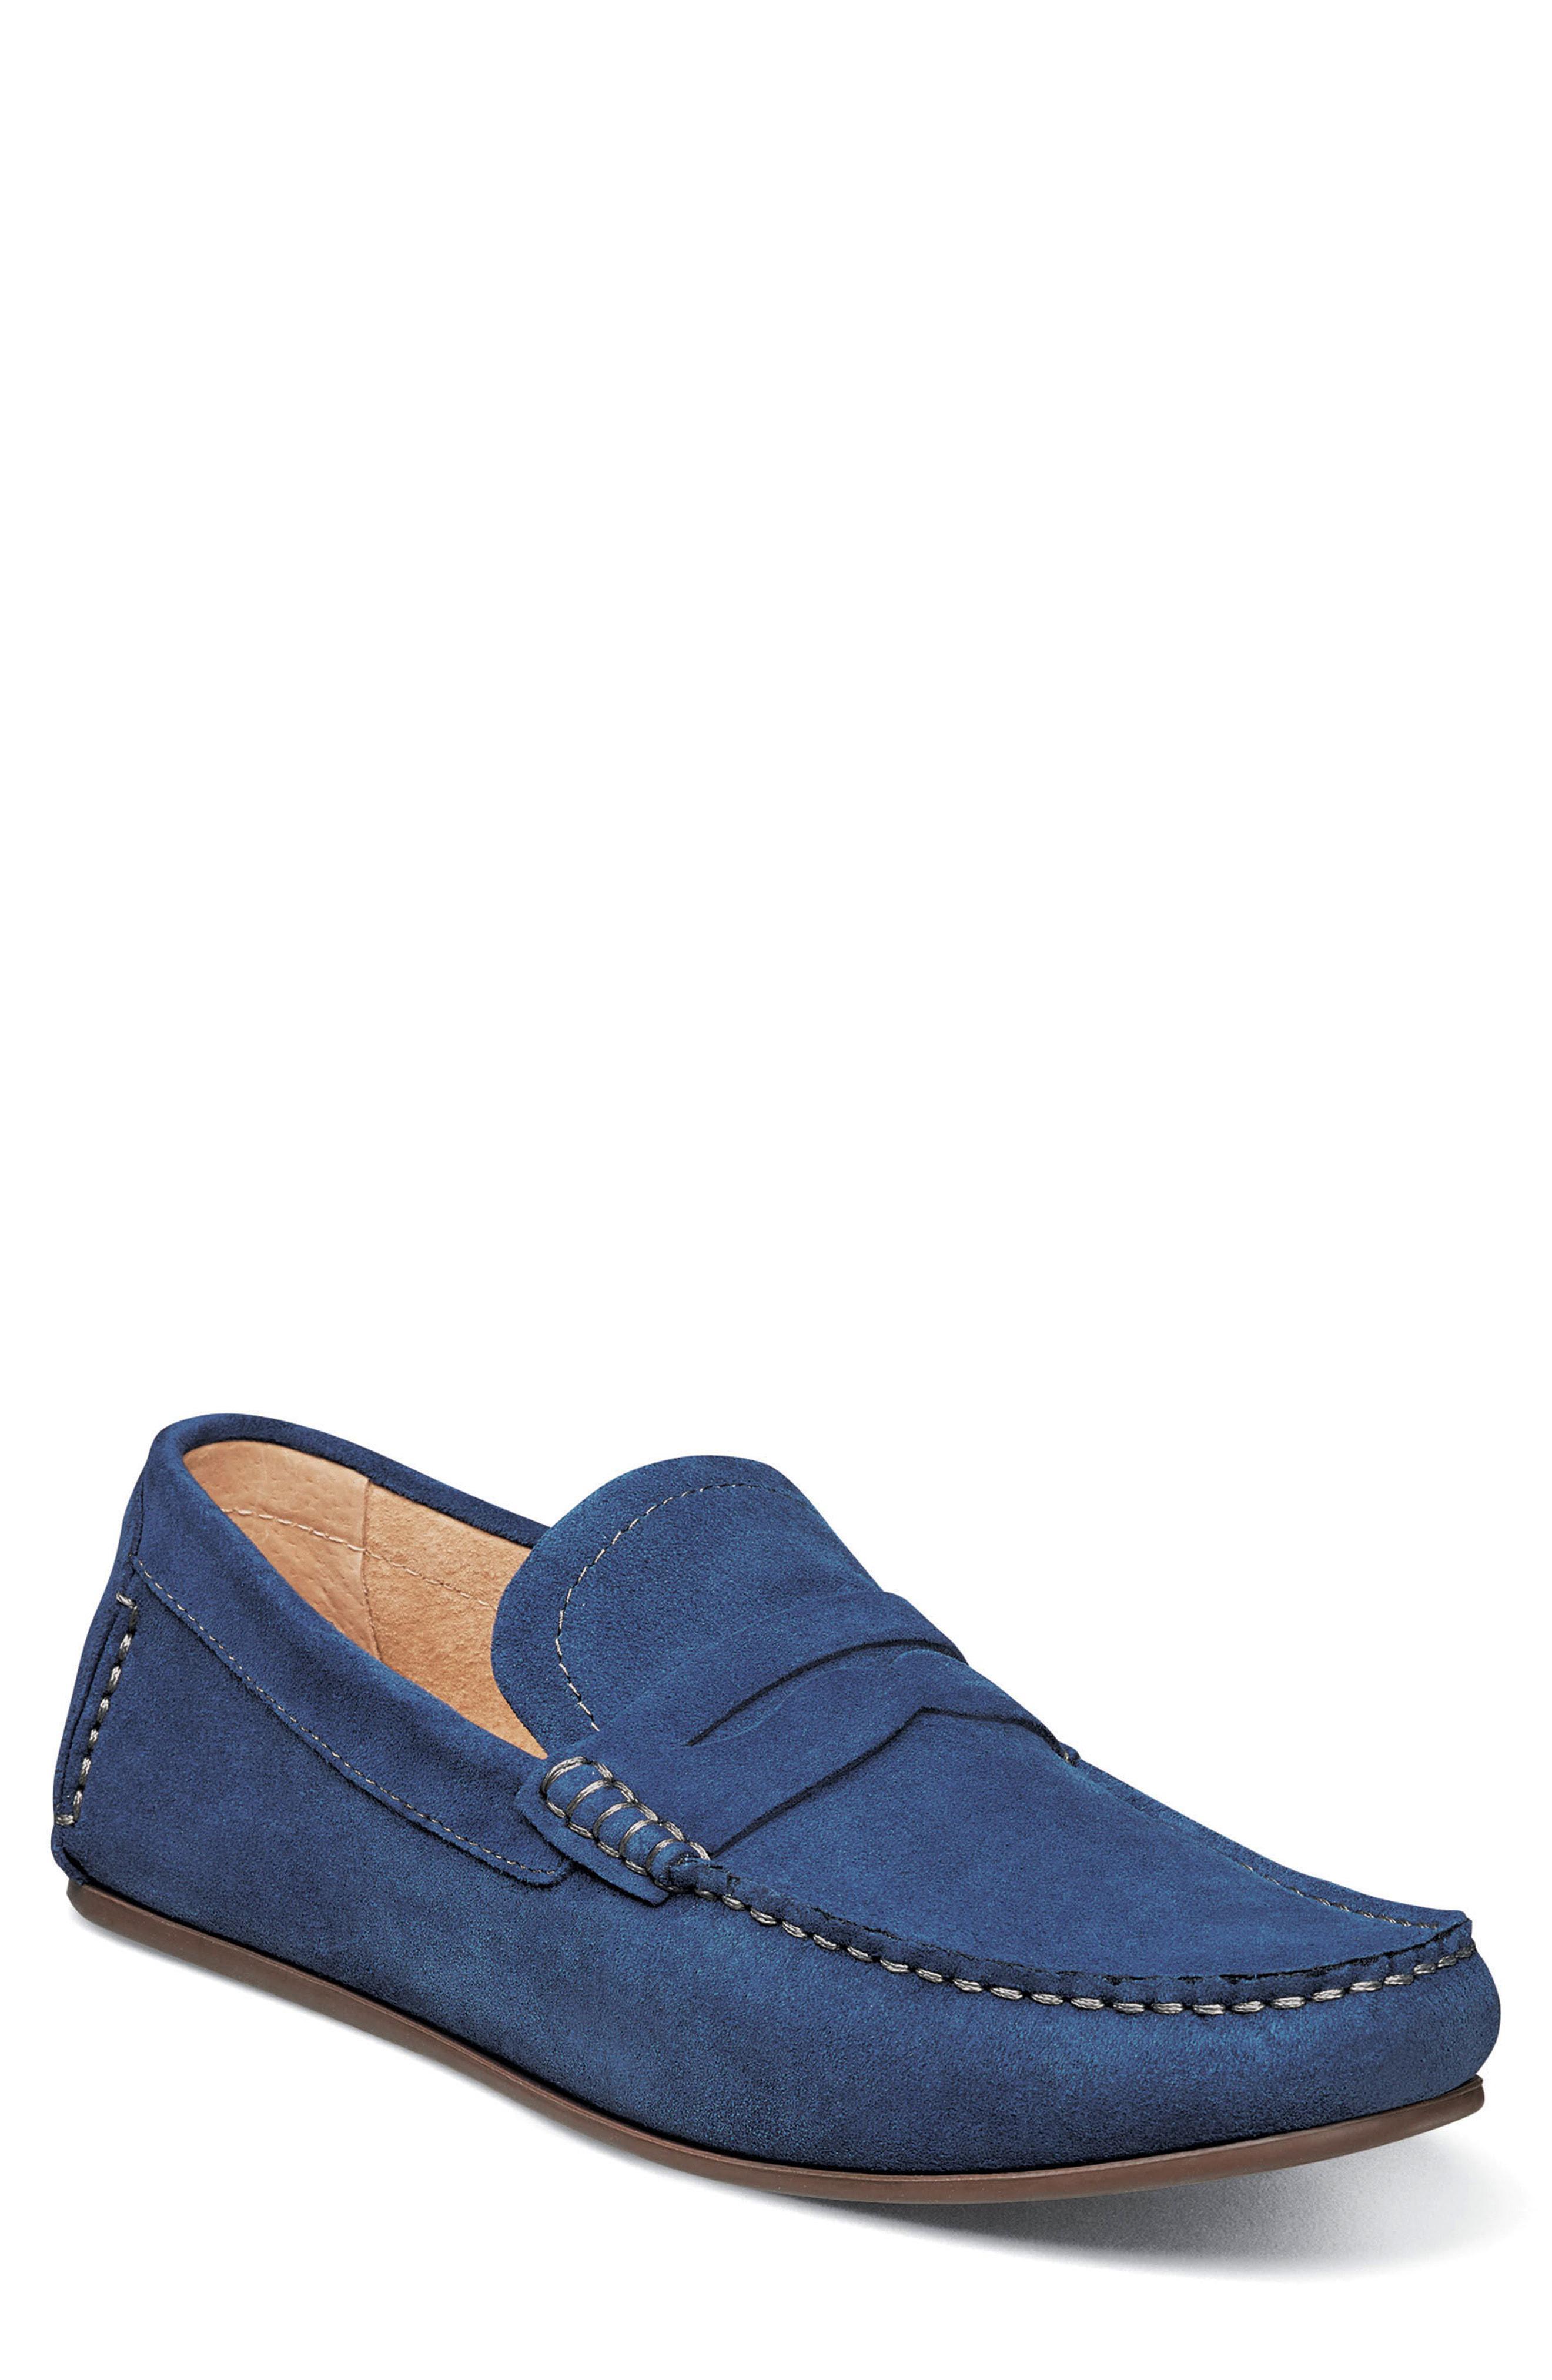 d1cb3cee924 Lyst - Florsheim Denison Driving Loafer in Blue for Men